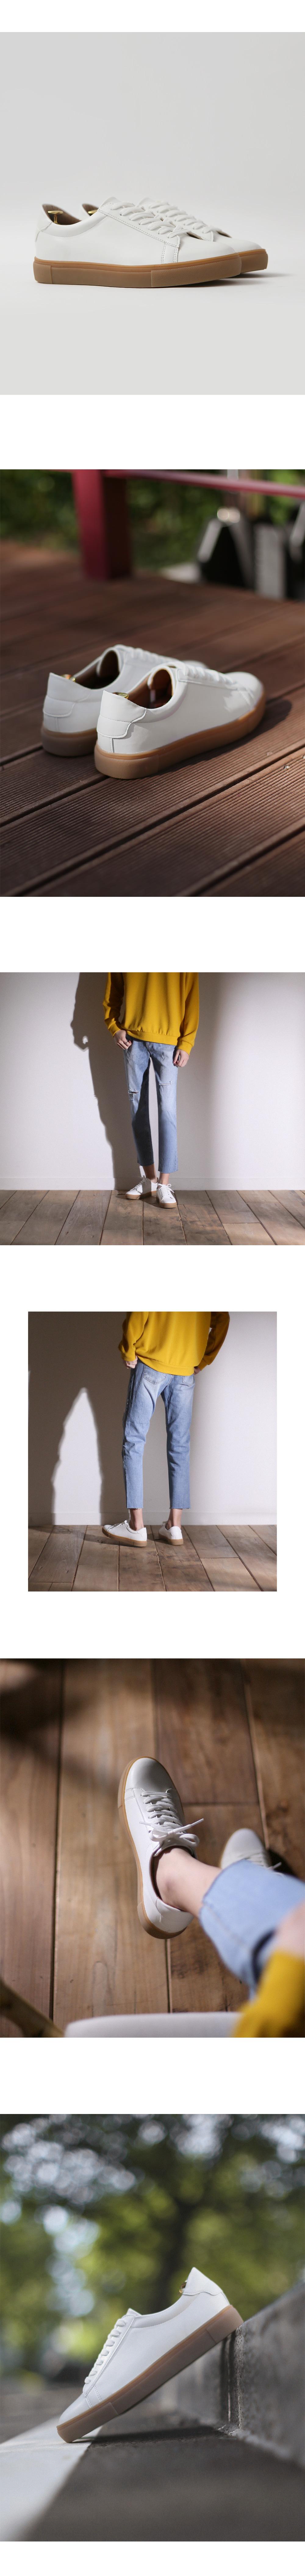 [파스코로젠 리미티드] 스탠다드 디자인 스니커즈 크림슨 화이트